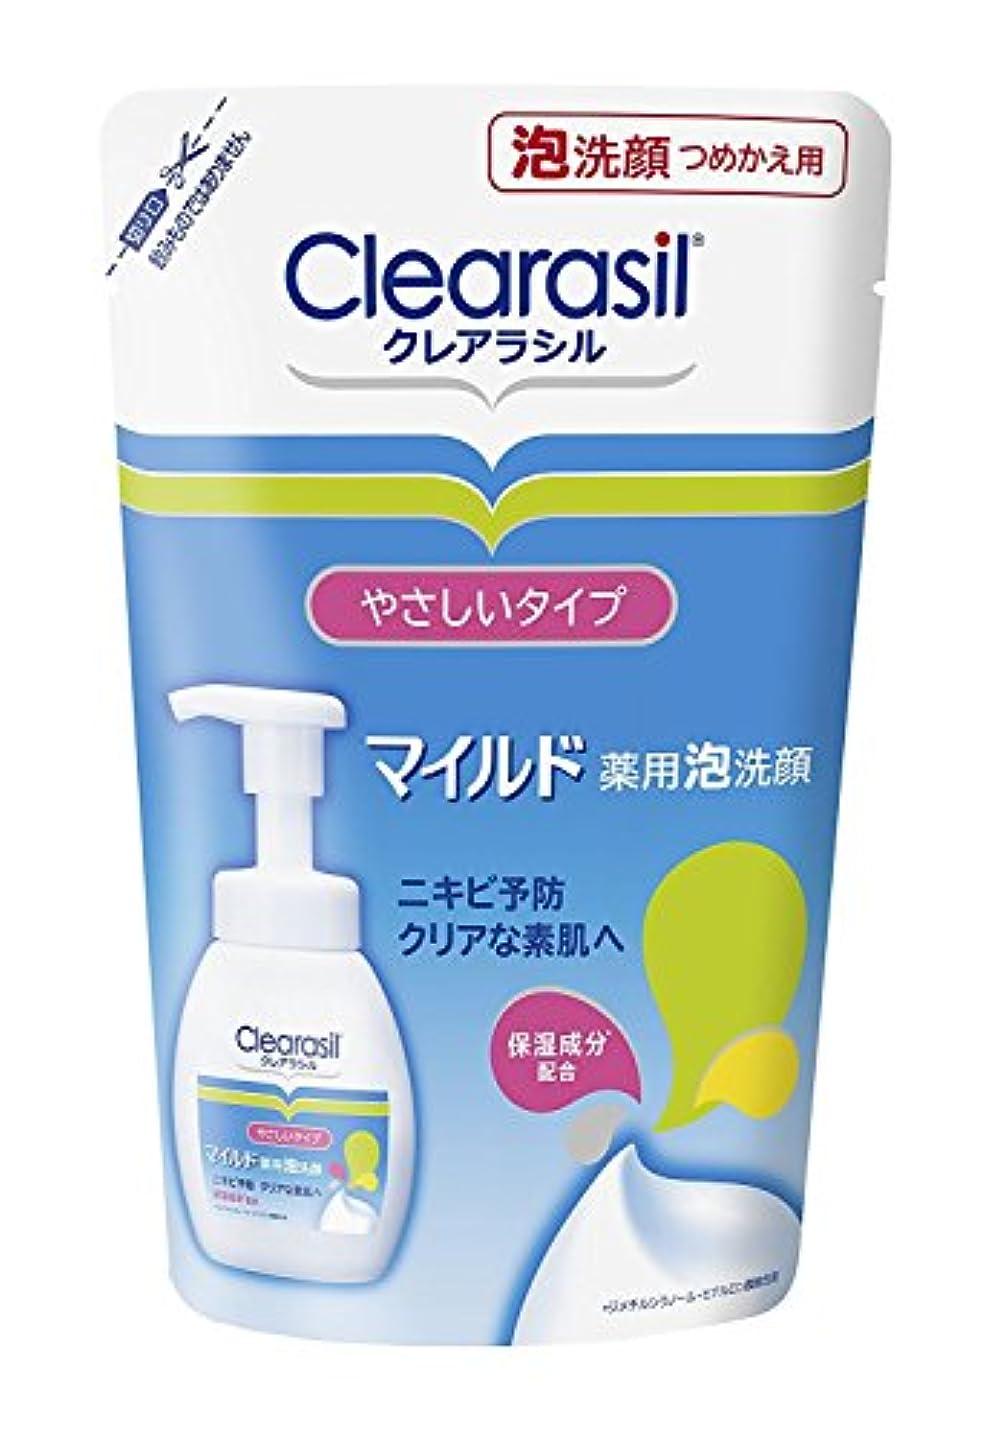 感謝終わり素人【clearasil】クレアラシル 薬用泡洗顔フォーム(マイルドタイプ) つめかえ用 (180ml) ×5個セット